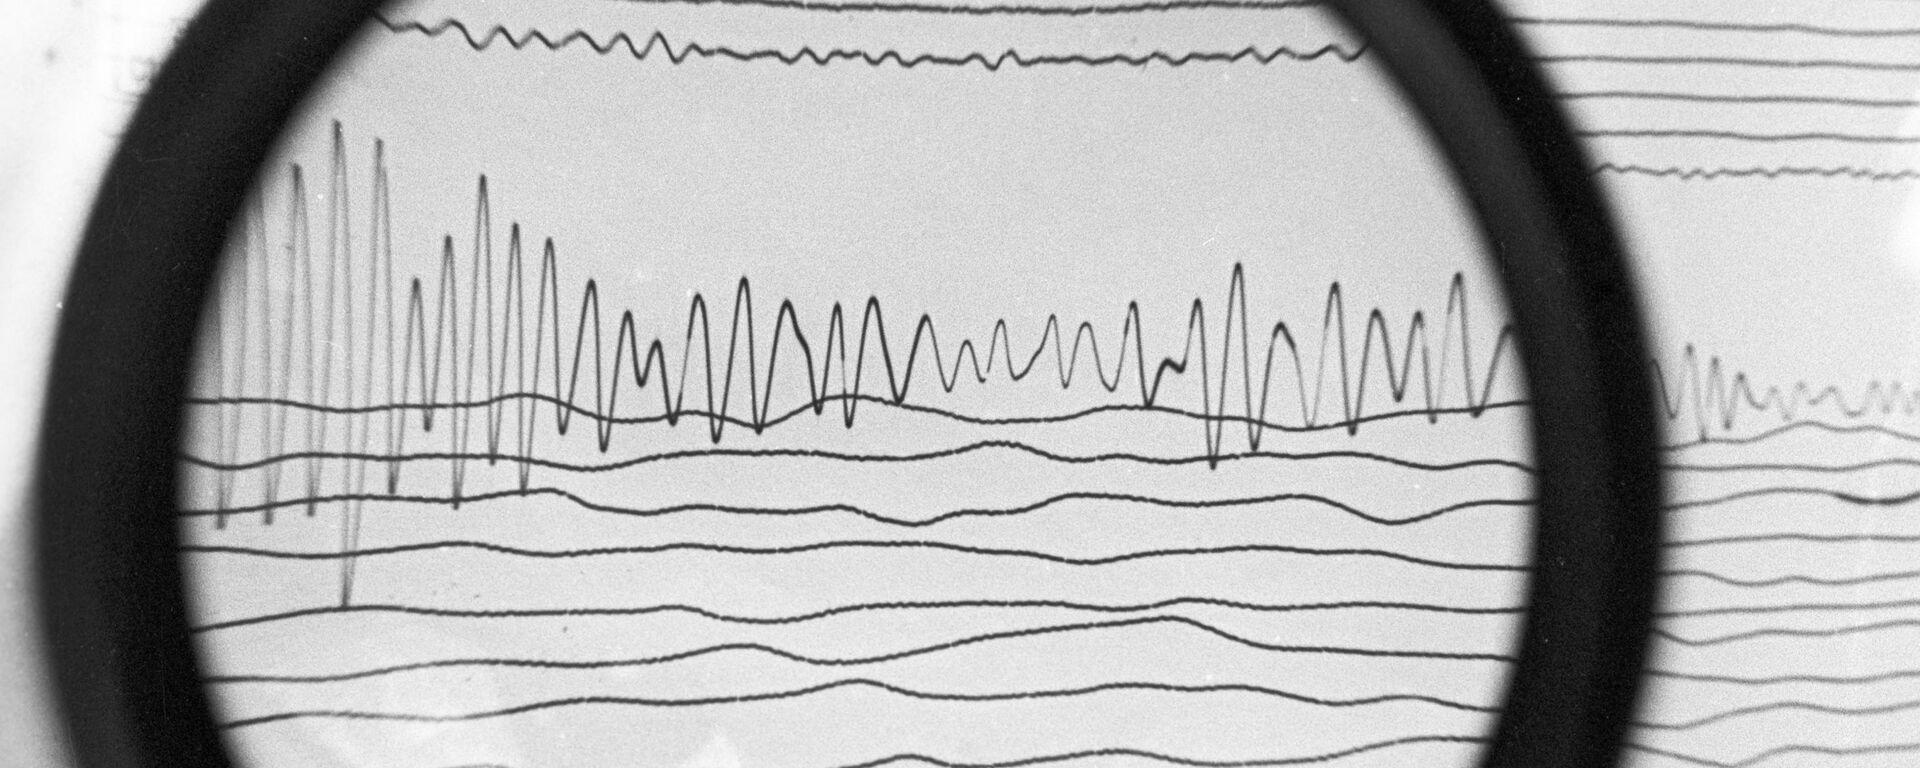 Сейсмограмма землетрясения, архивное фото - Sputnik Тоҷикистон, 1920, 03.10.2021